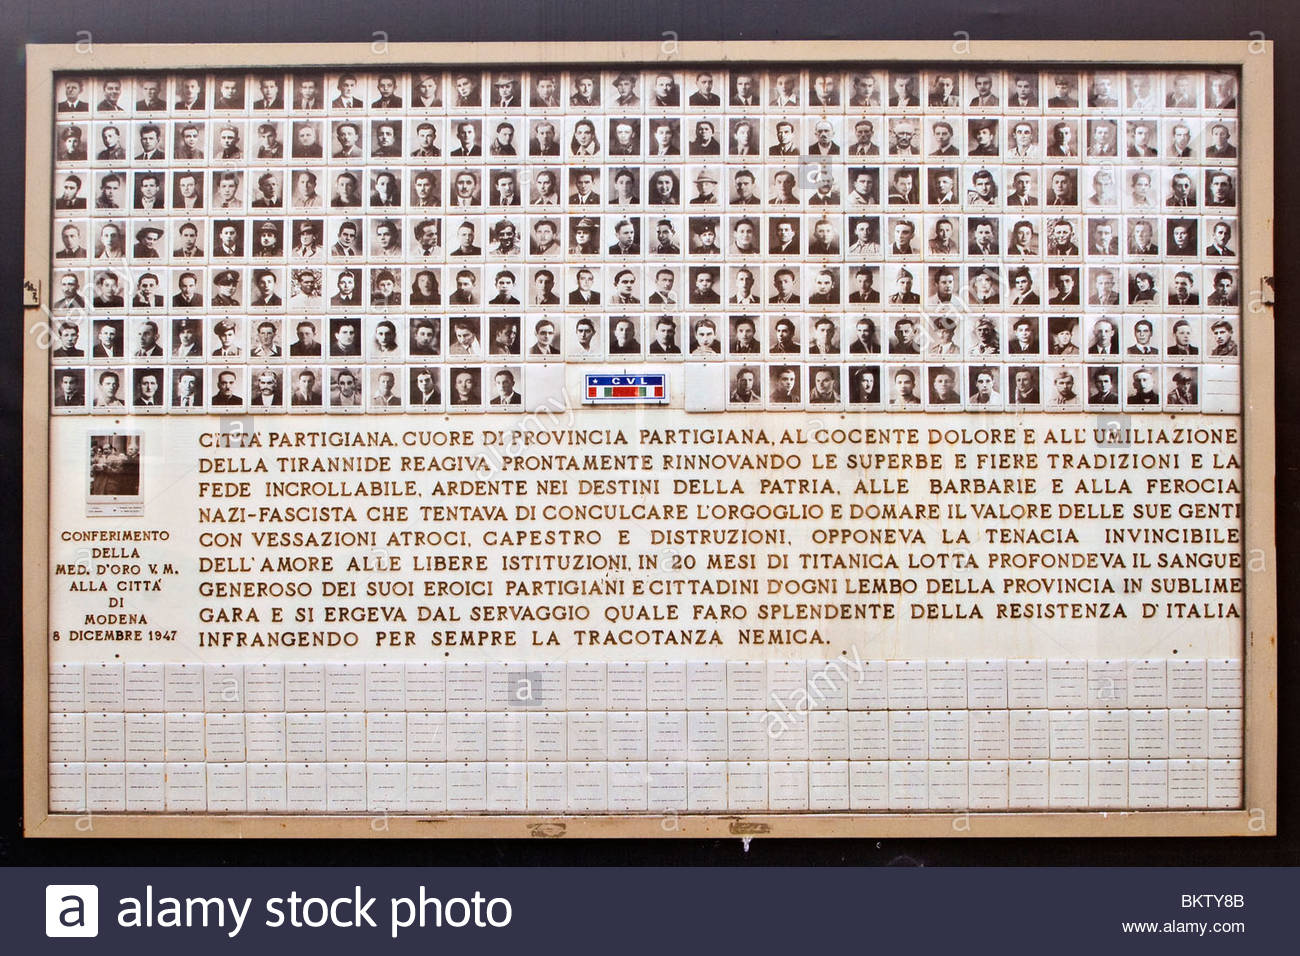 Memoriale di guerra è morta,corpo volontari della libertà,Modena,emilia romagna,Italia Immagini Stock